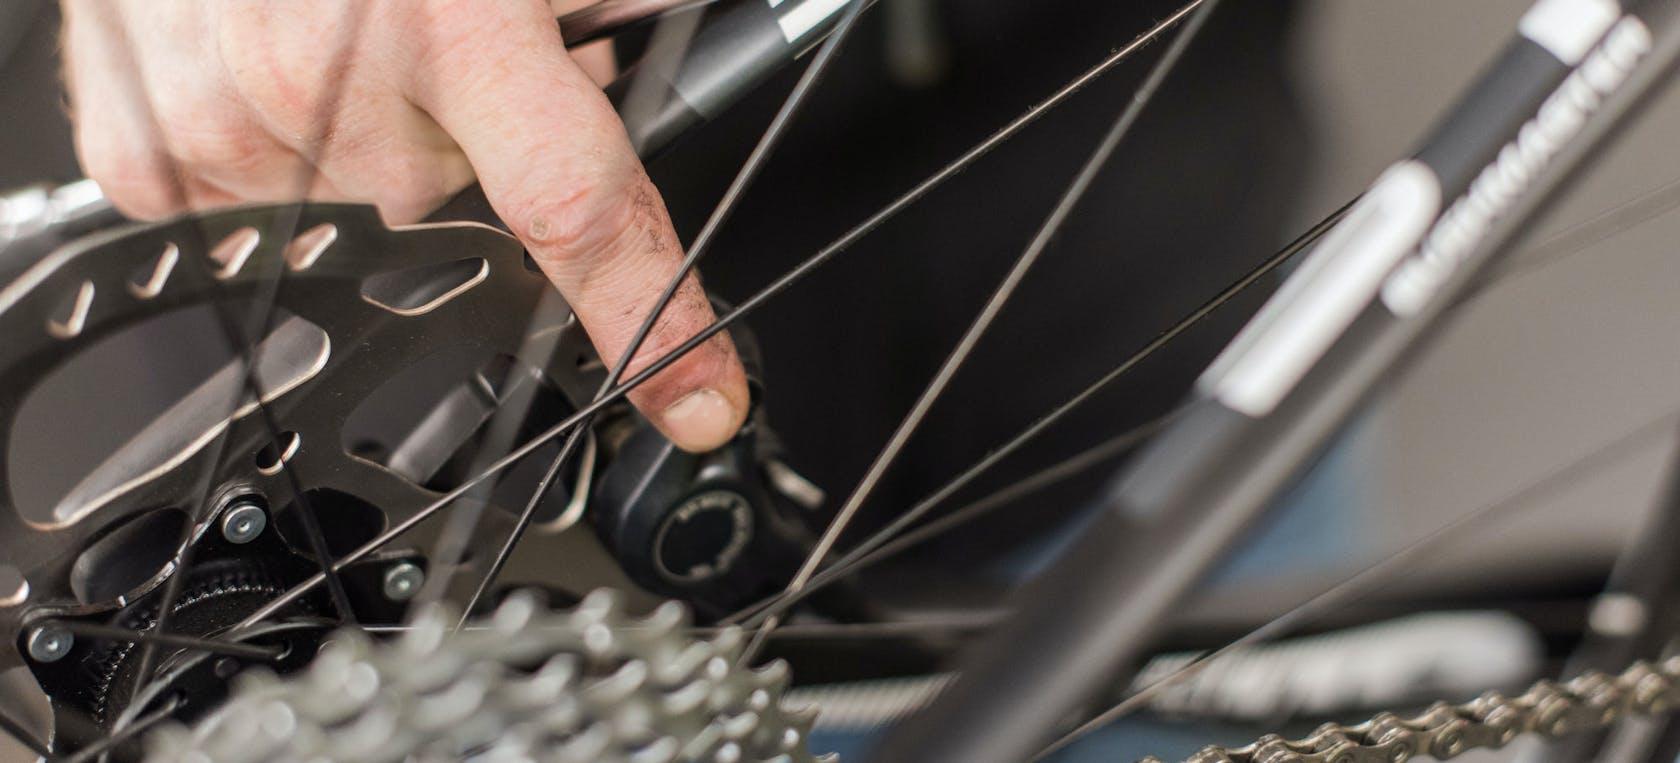 Fahrräder Mangelware warum?